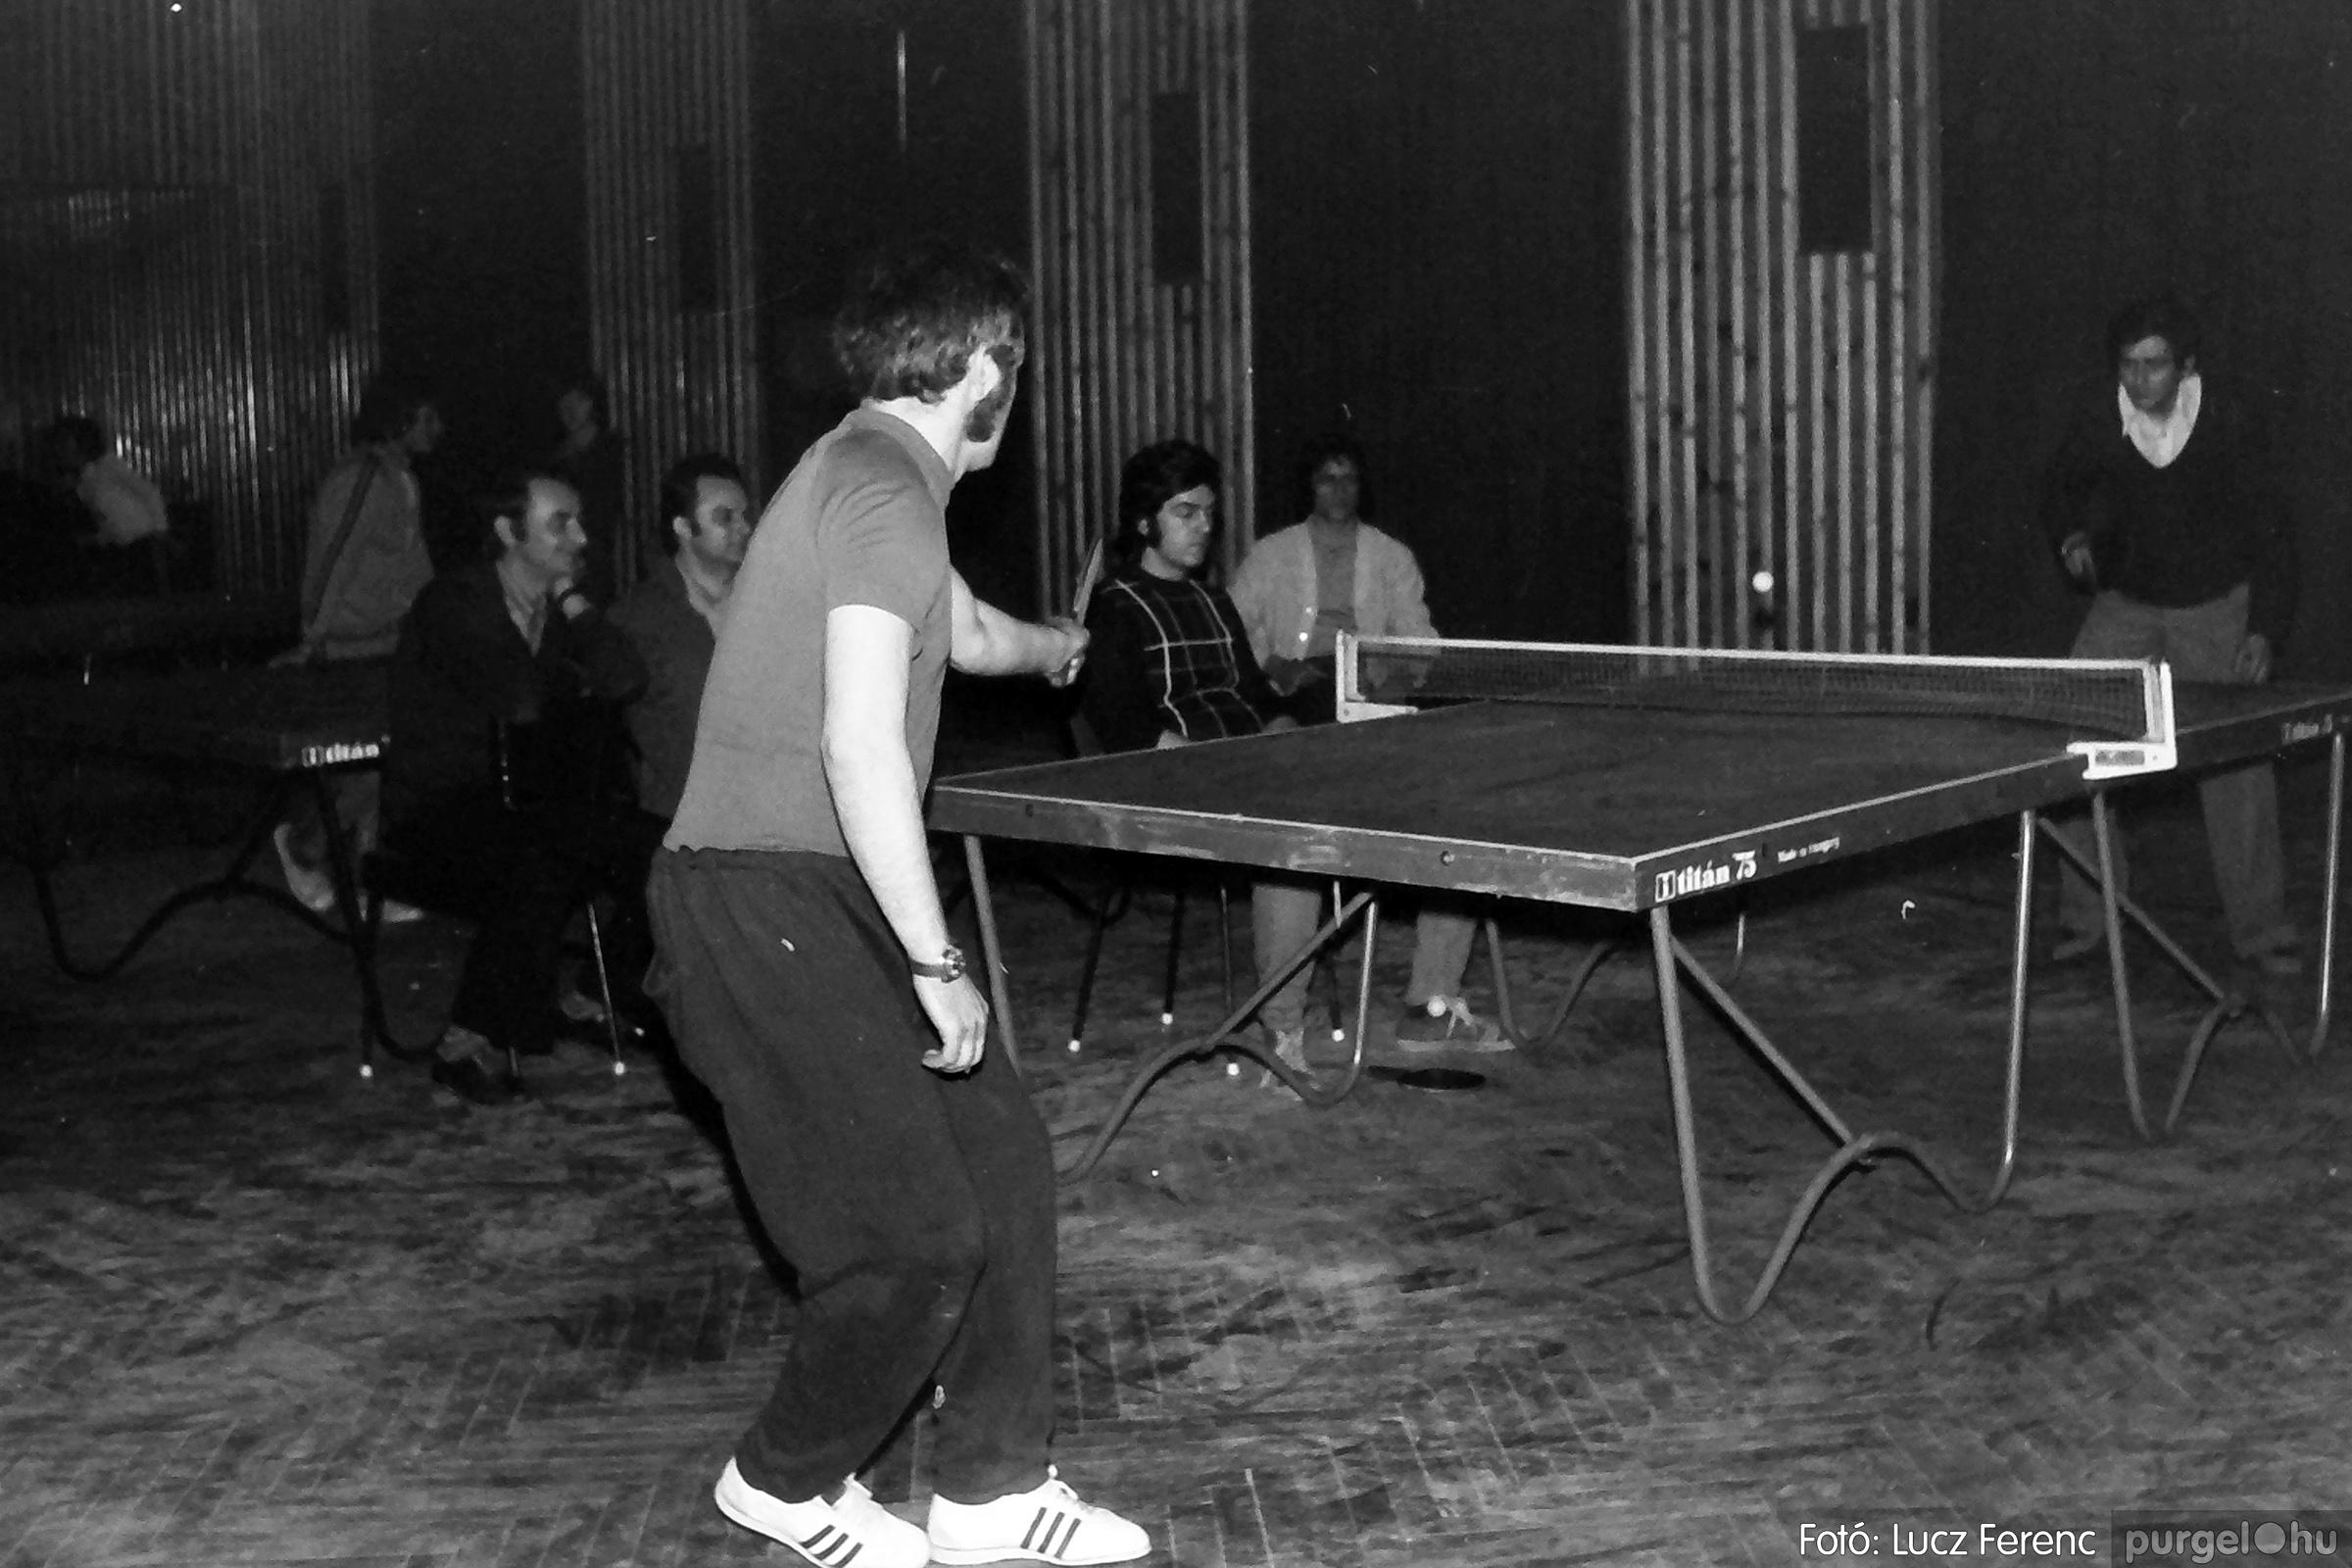 073. 1977. Asztaltenisz verseny 014. - Fotó: Lucz Ferenc.jpg